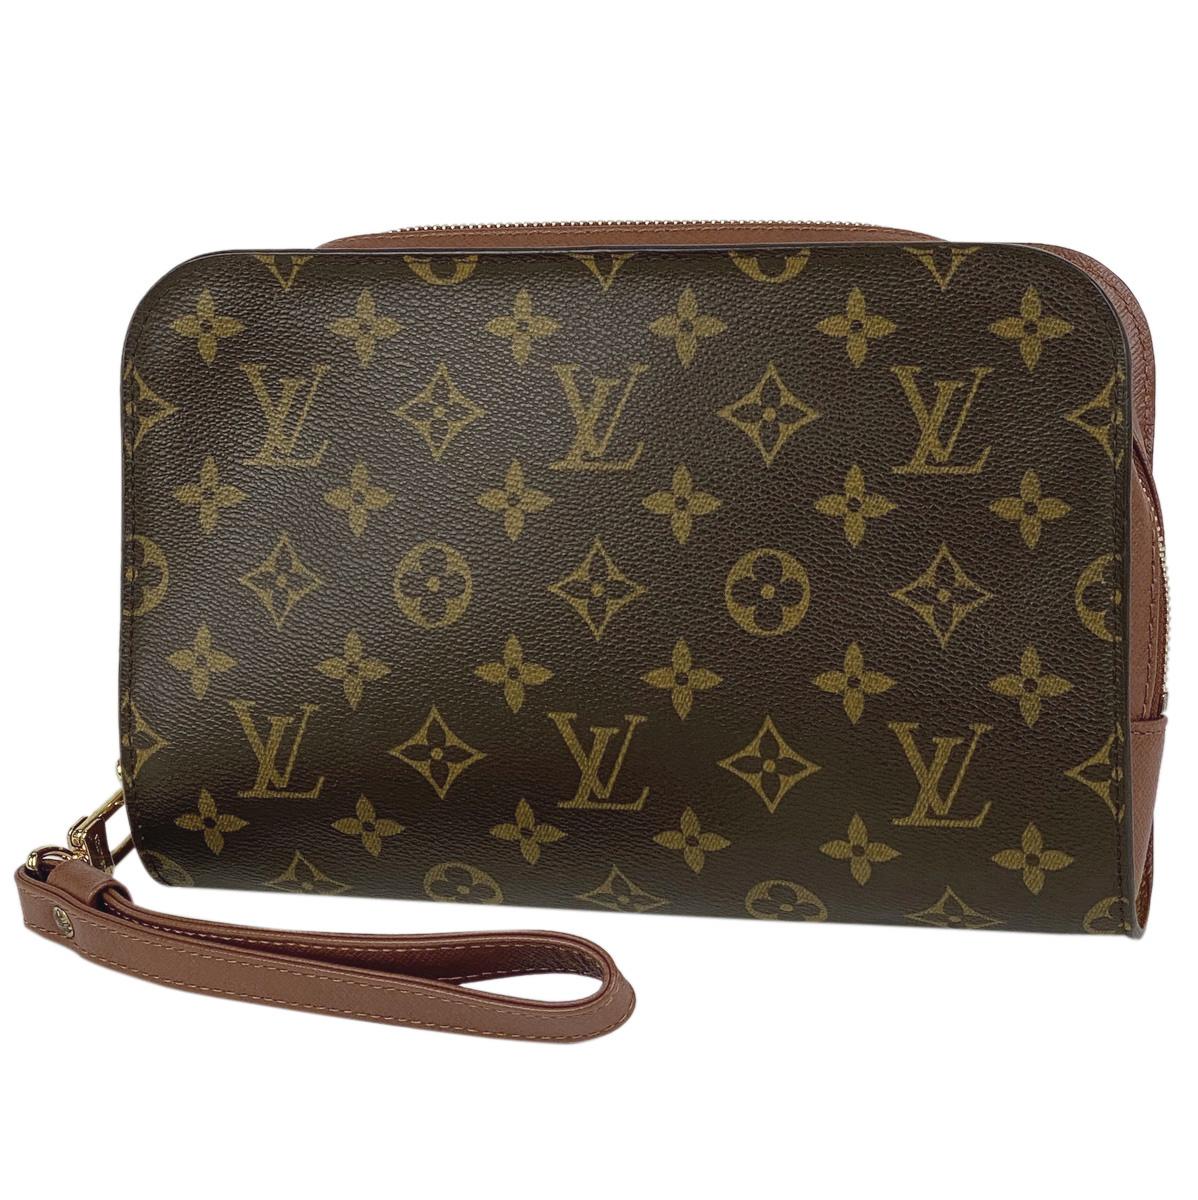 ルイ・ヴィトン Louis Vuitton オルセー クラッチバッグ 紳士 ビジネス セカンドバッグ モノグラム ブラウン M51790 メンズ 【中古】